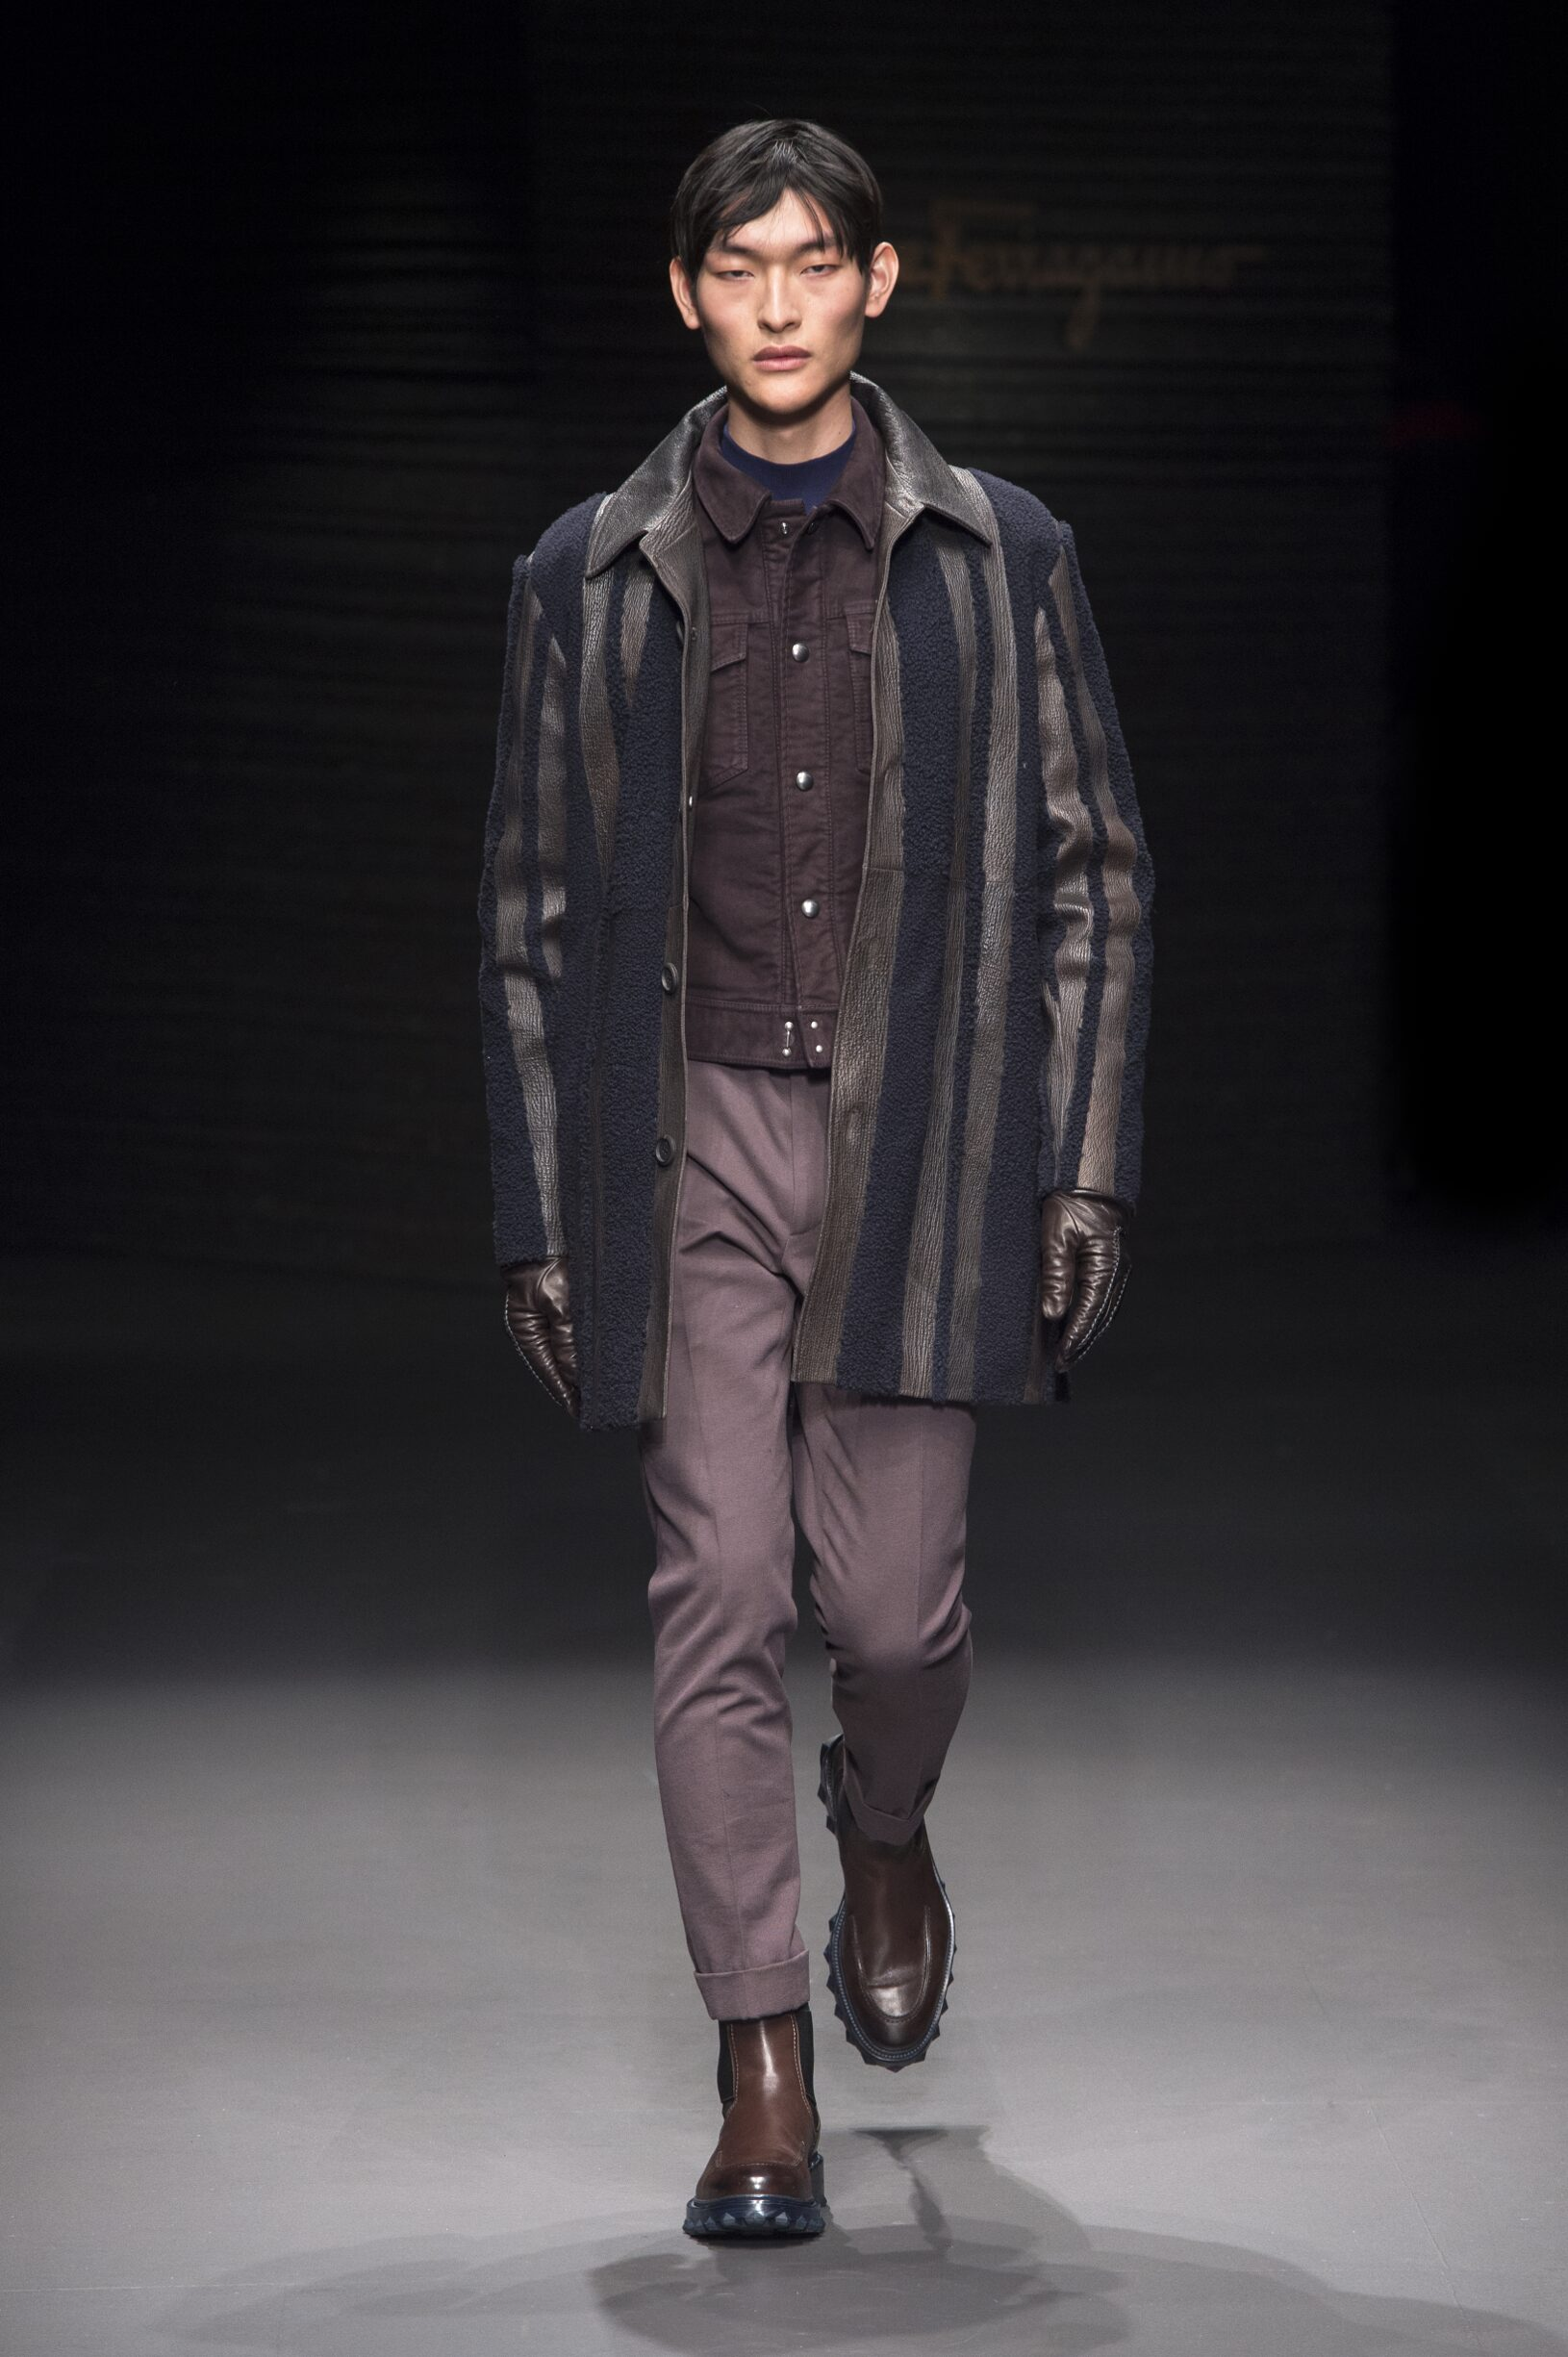 Fall Fashion 2017-18 Salvatore Ferragamo